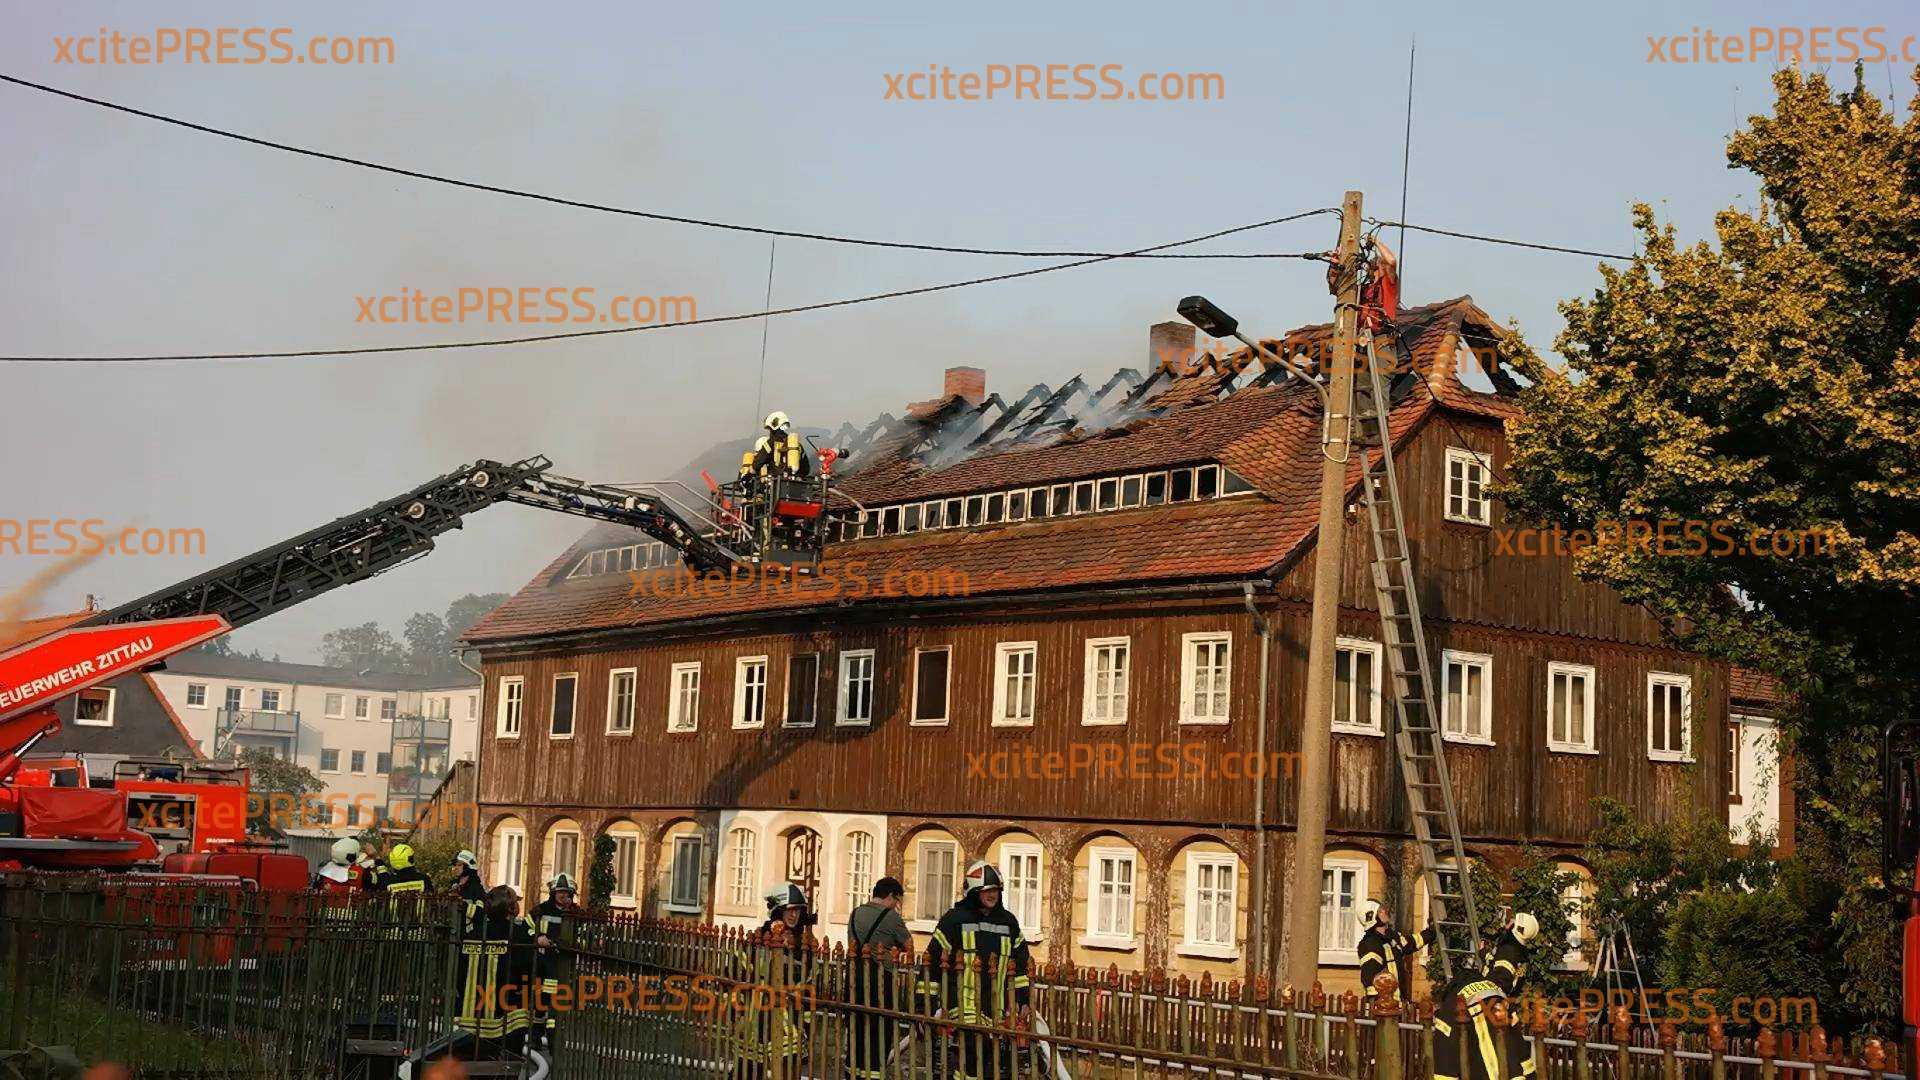 Fachwerkhaus in Flammen: Zwei Verletzte: 100.000 Euro Sachschaden nach Verpuffung